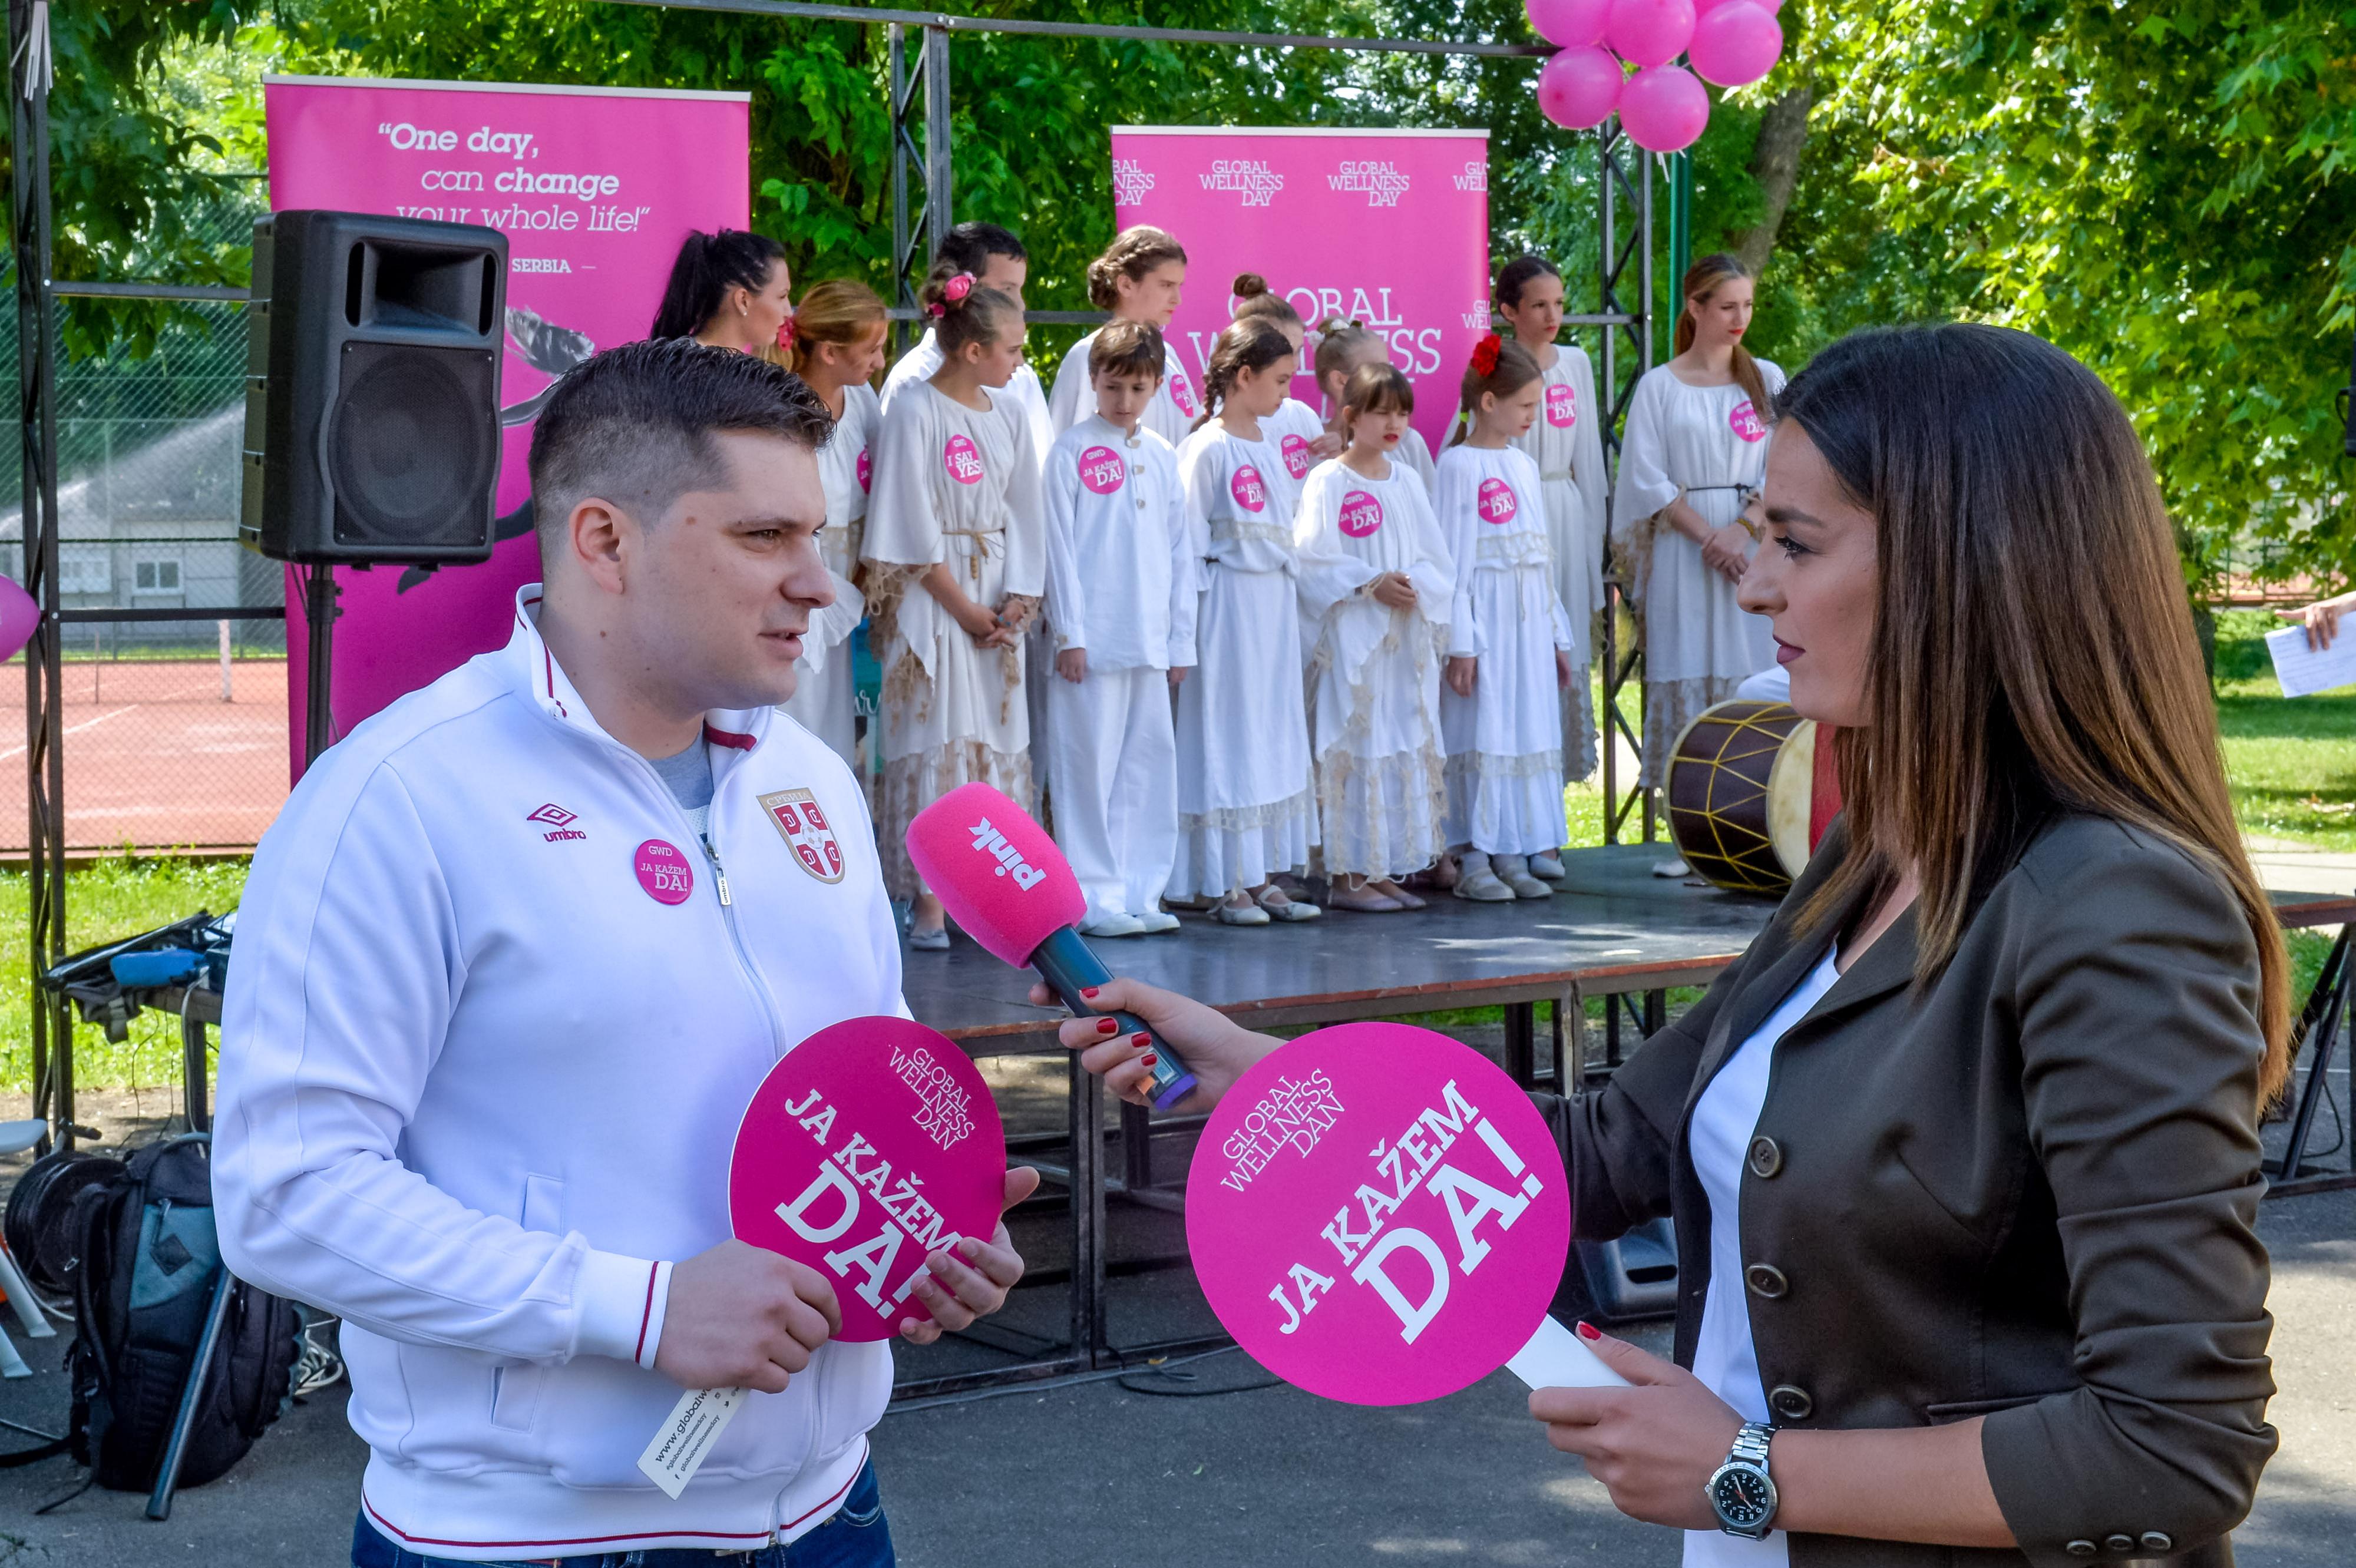 Svetski dan velnesa u Srbiji